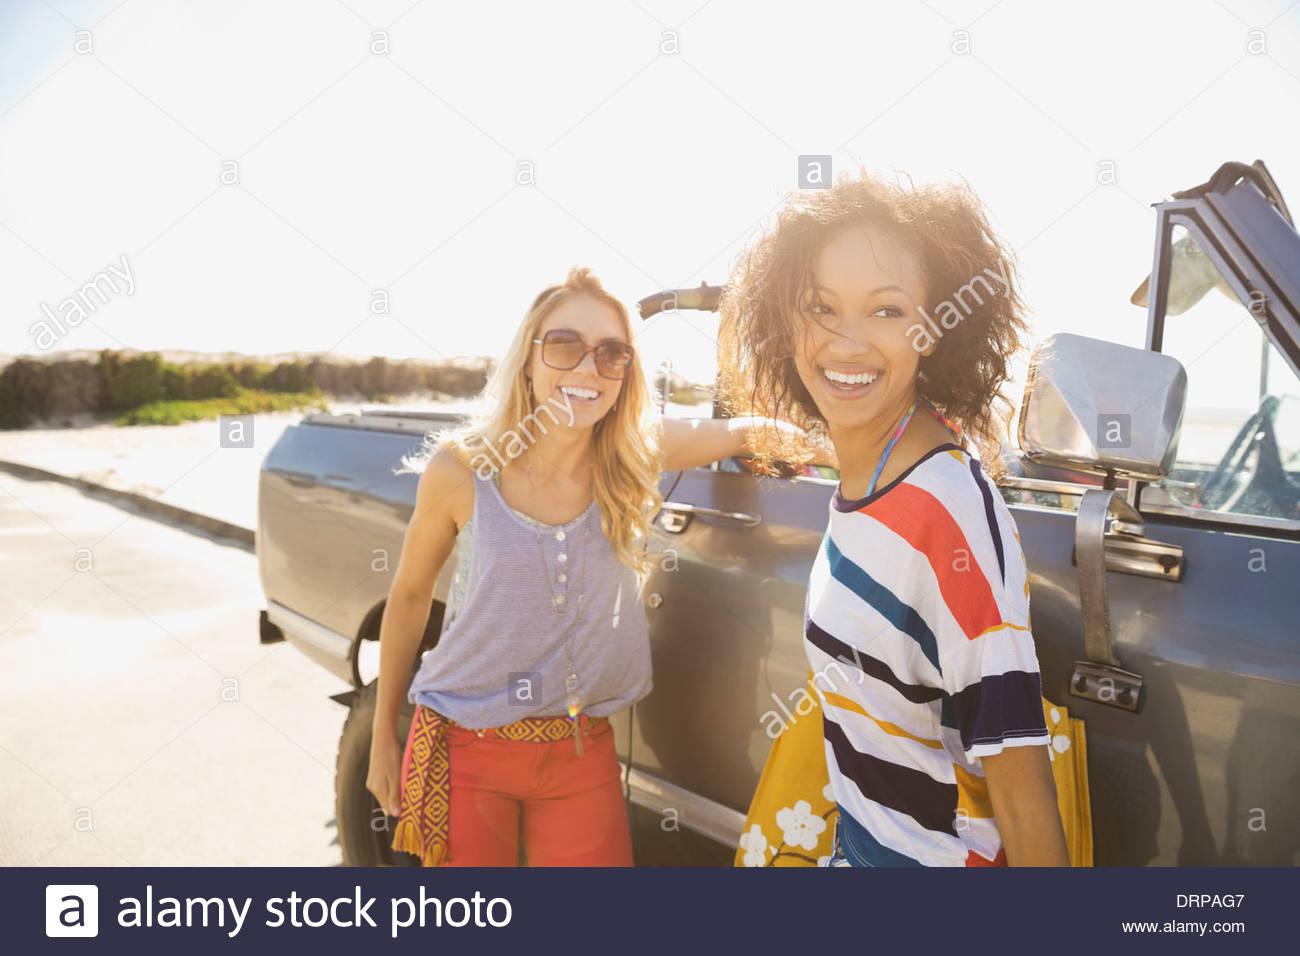 Freundinnen von Geländewagen stehen Stockbild